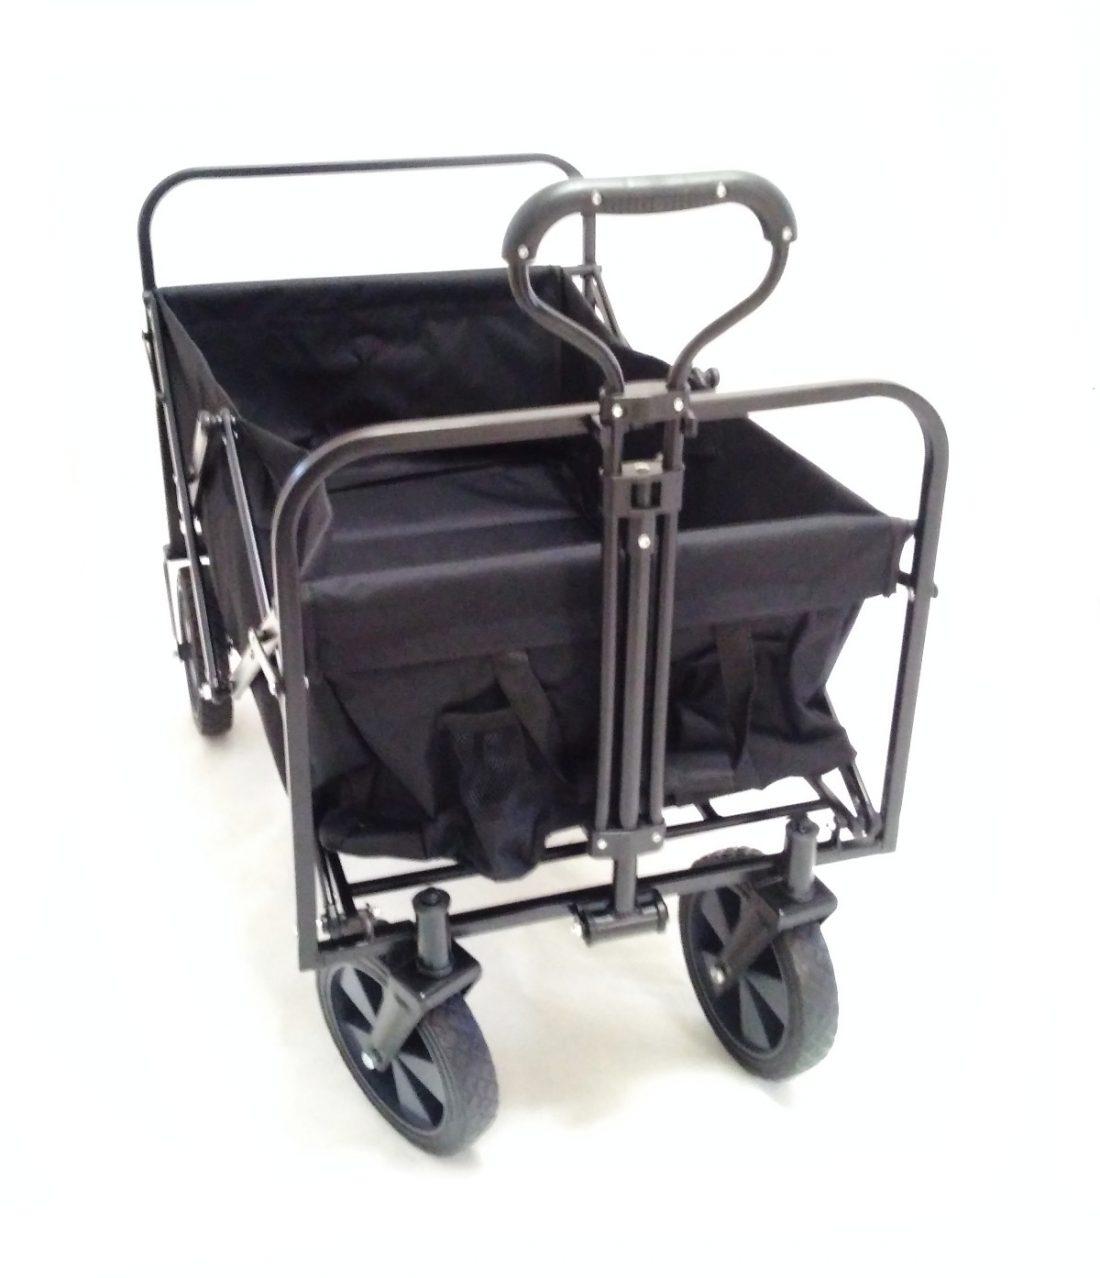 Wagon Blk0